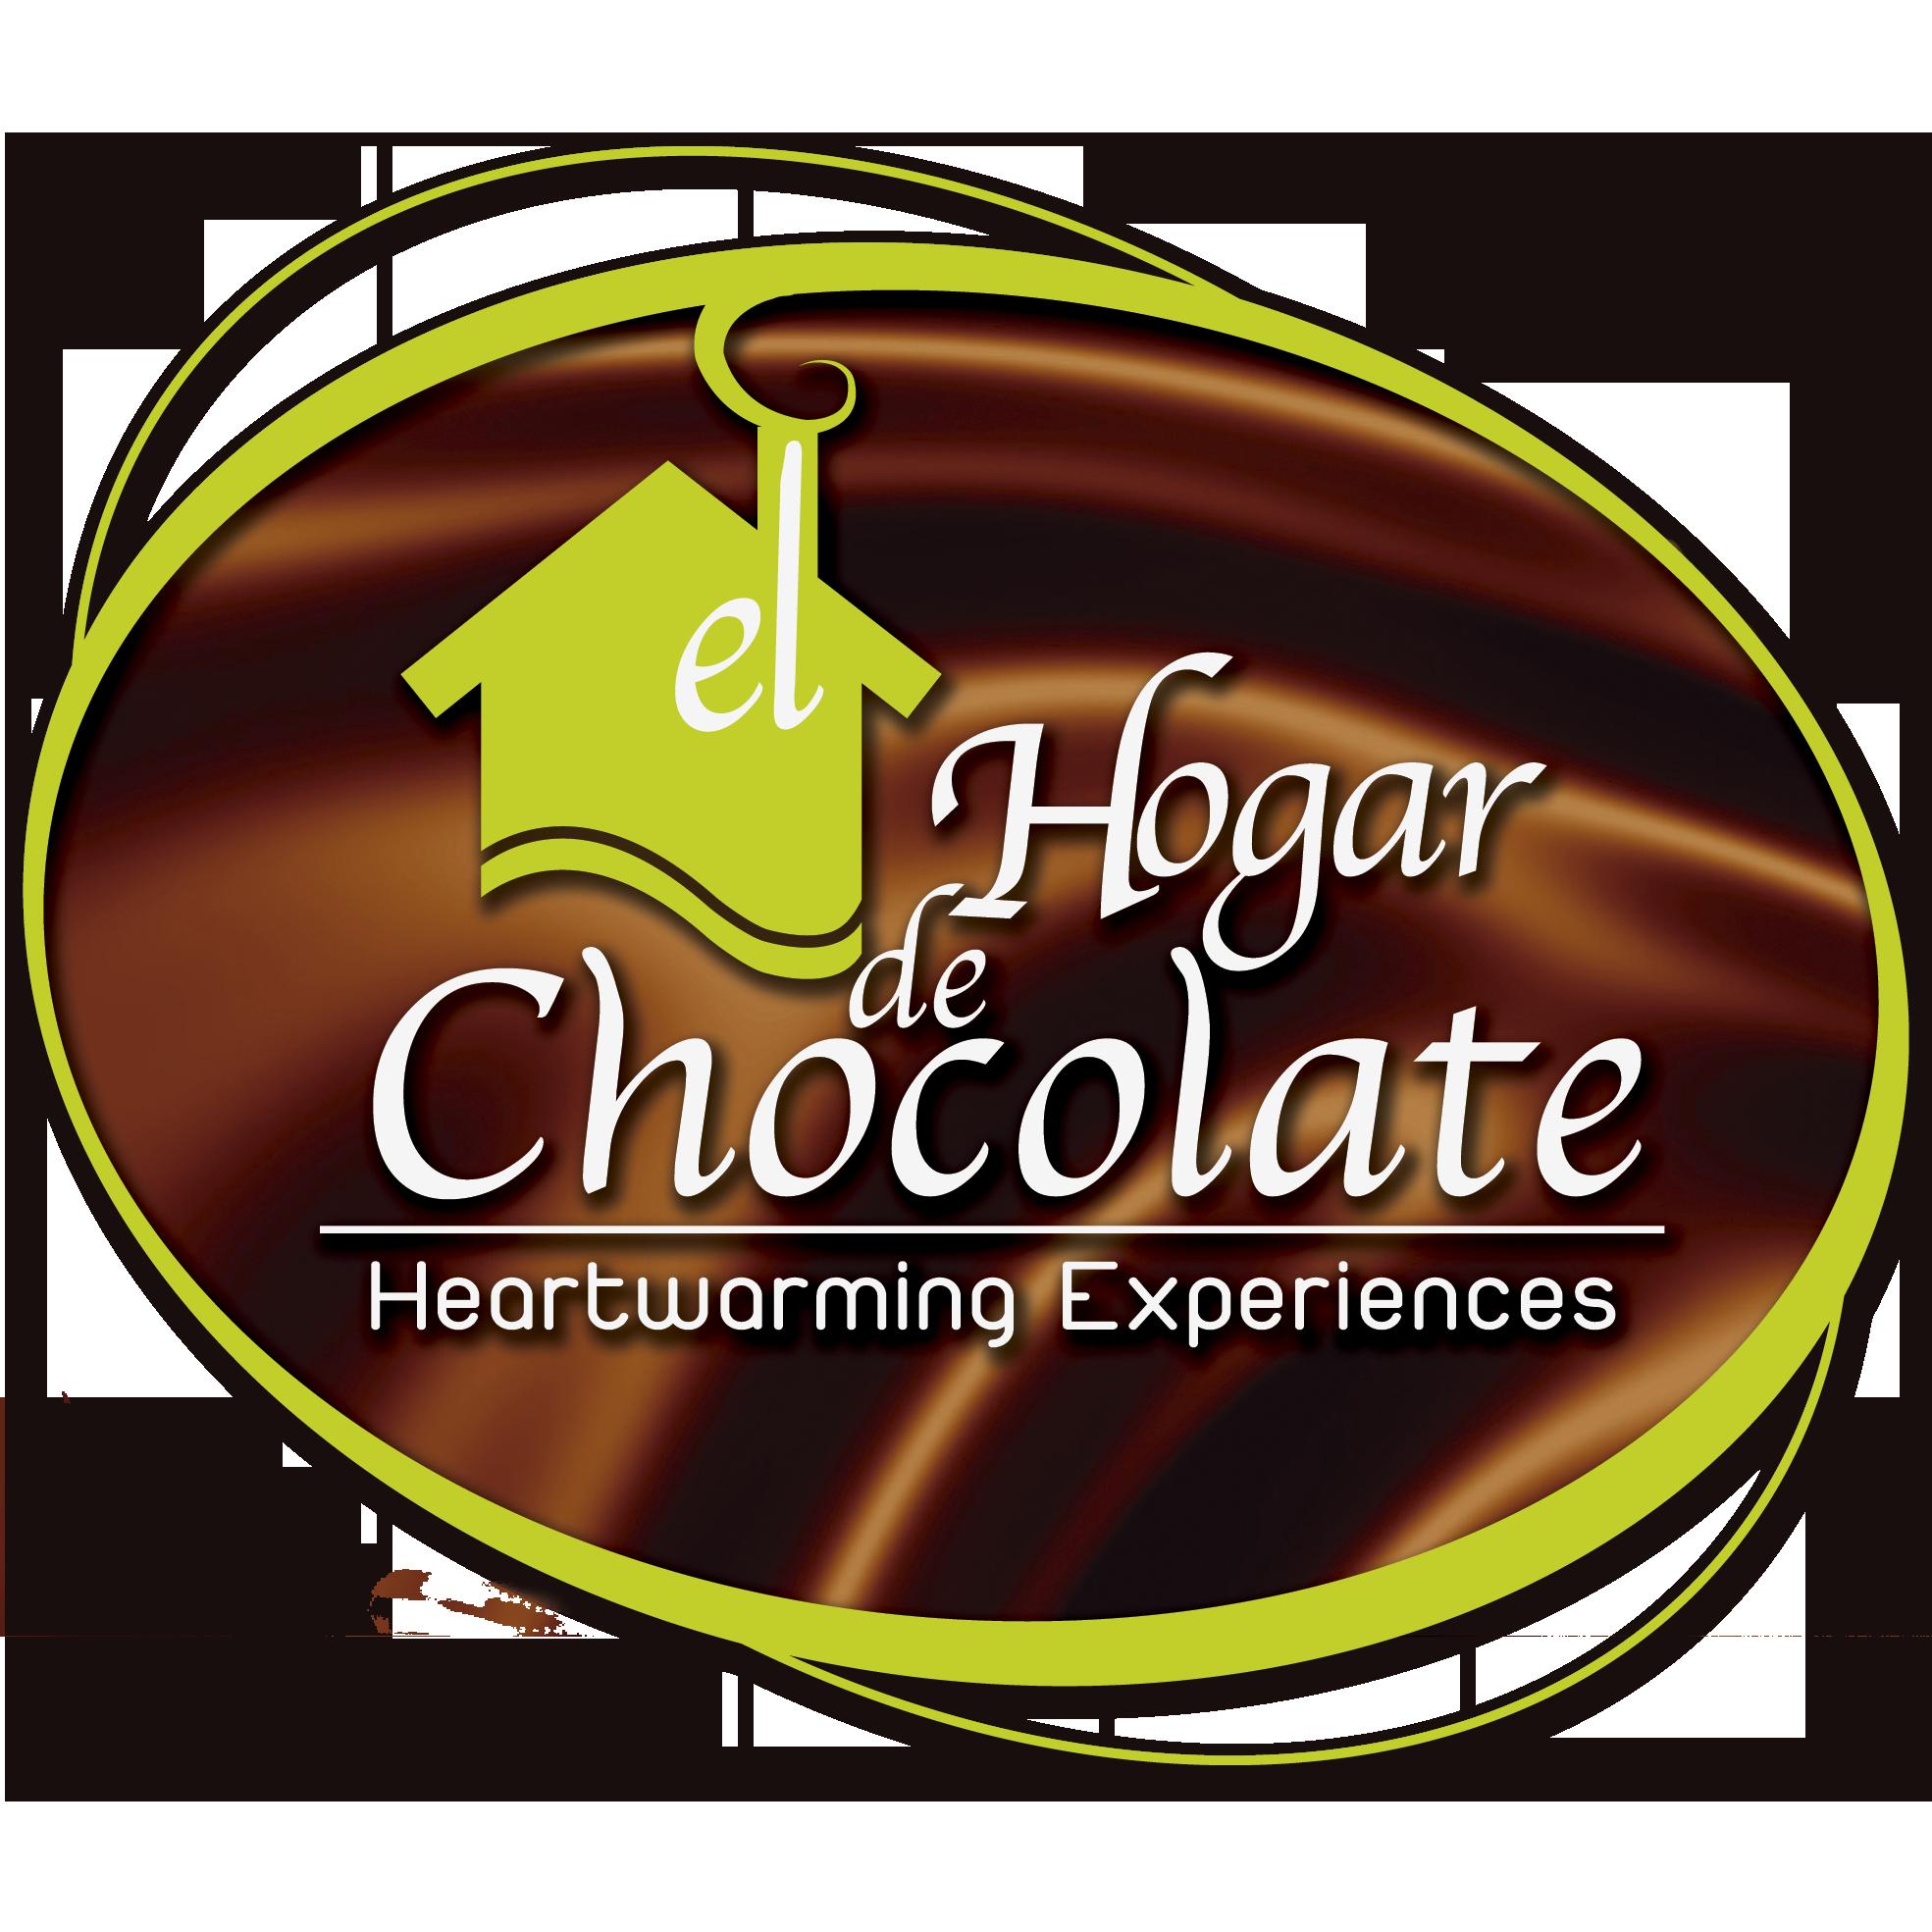 艾尔豪伽尔德巧克力酒店